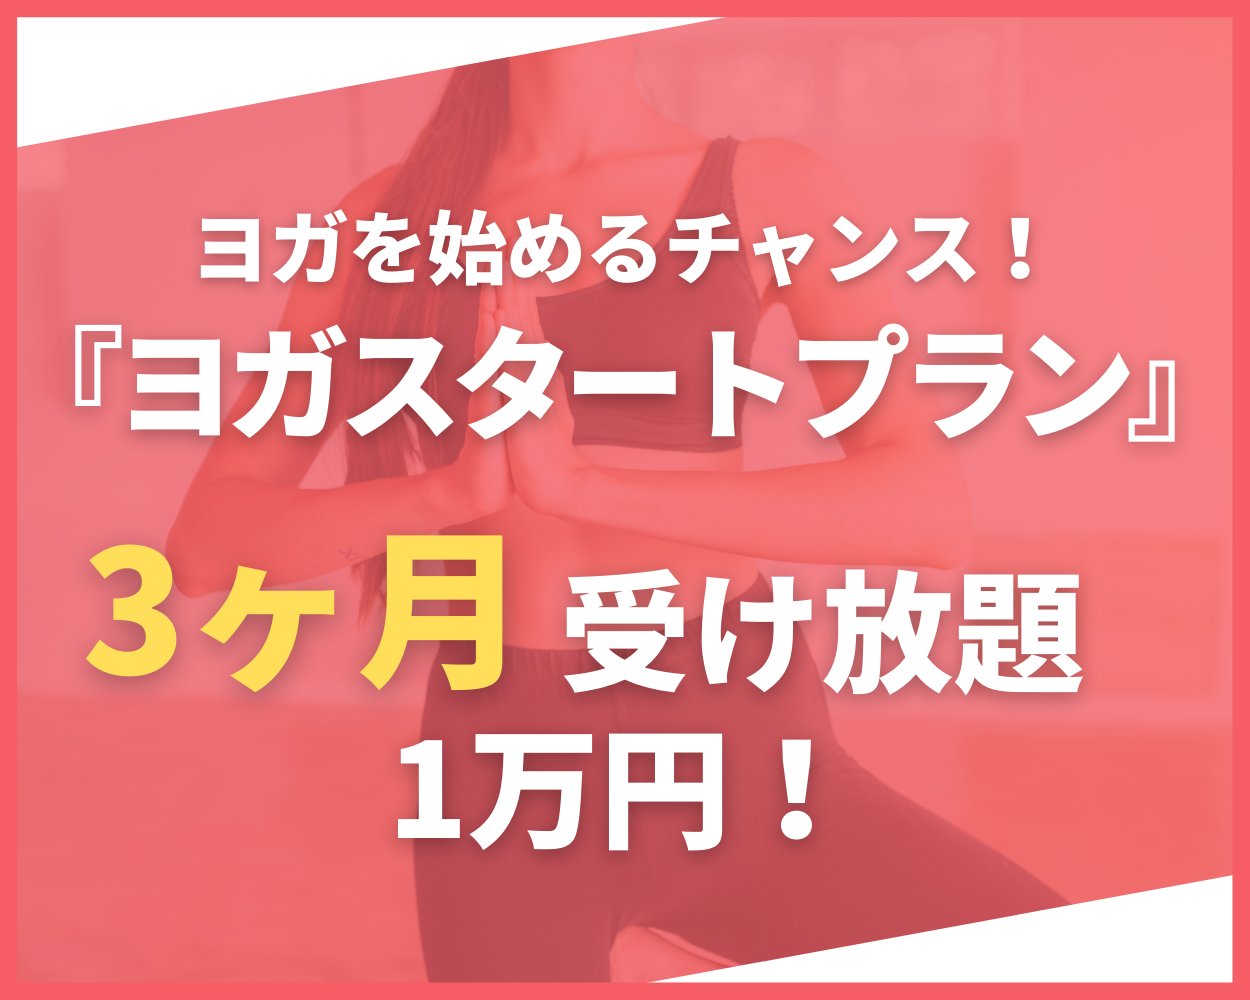 体験当日入会限定のお得な『ヨガスタートプラン!』